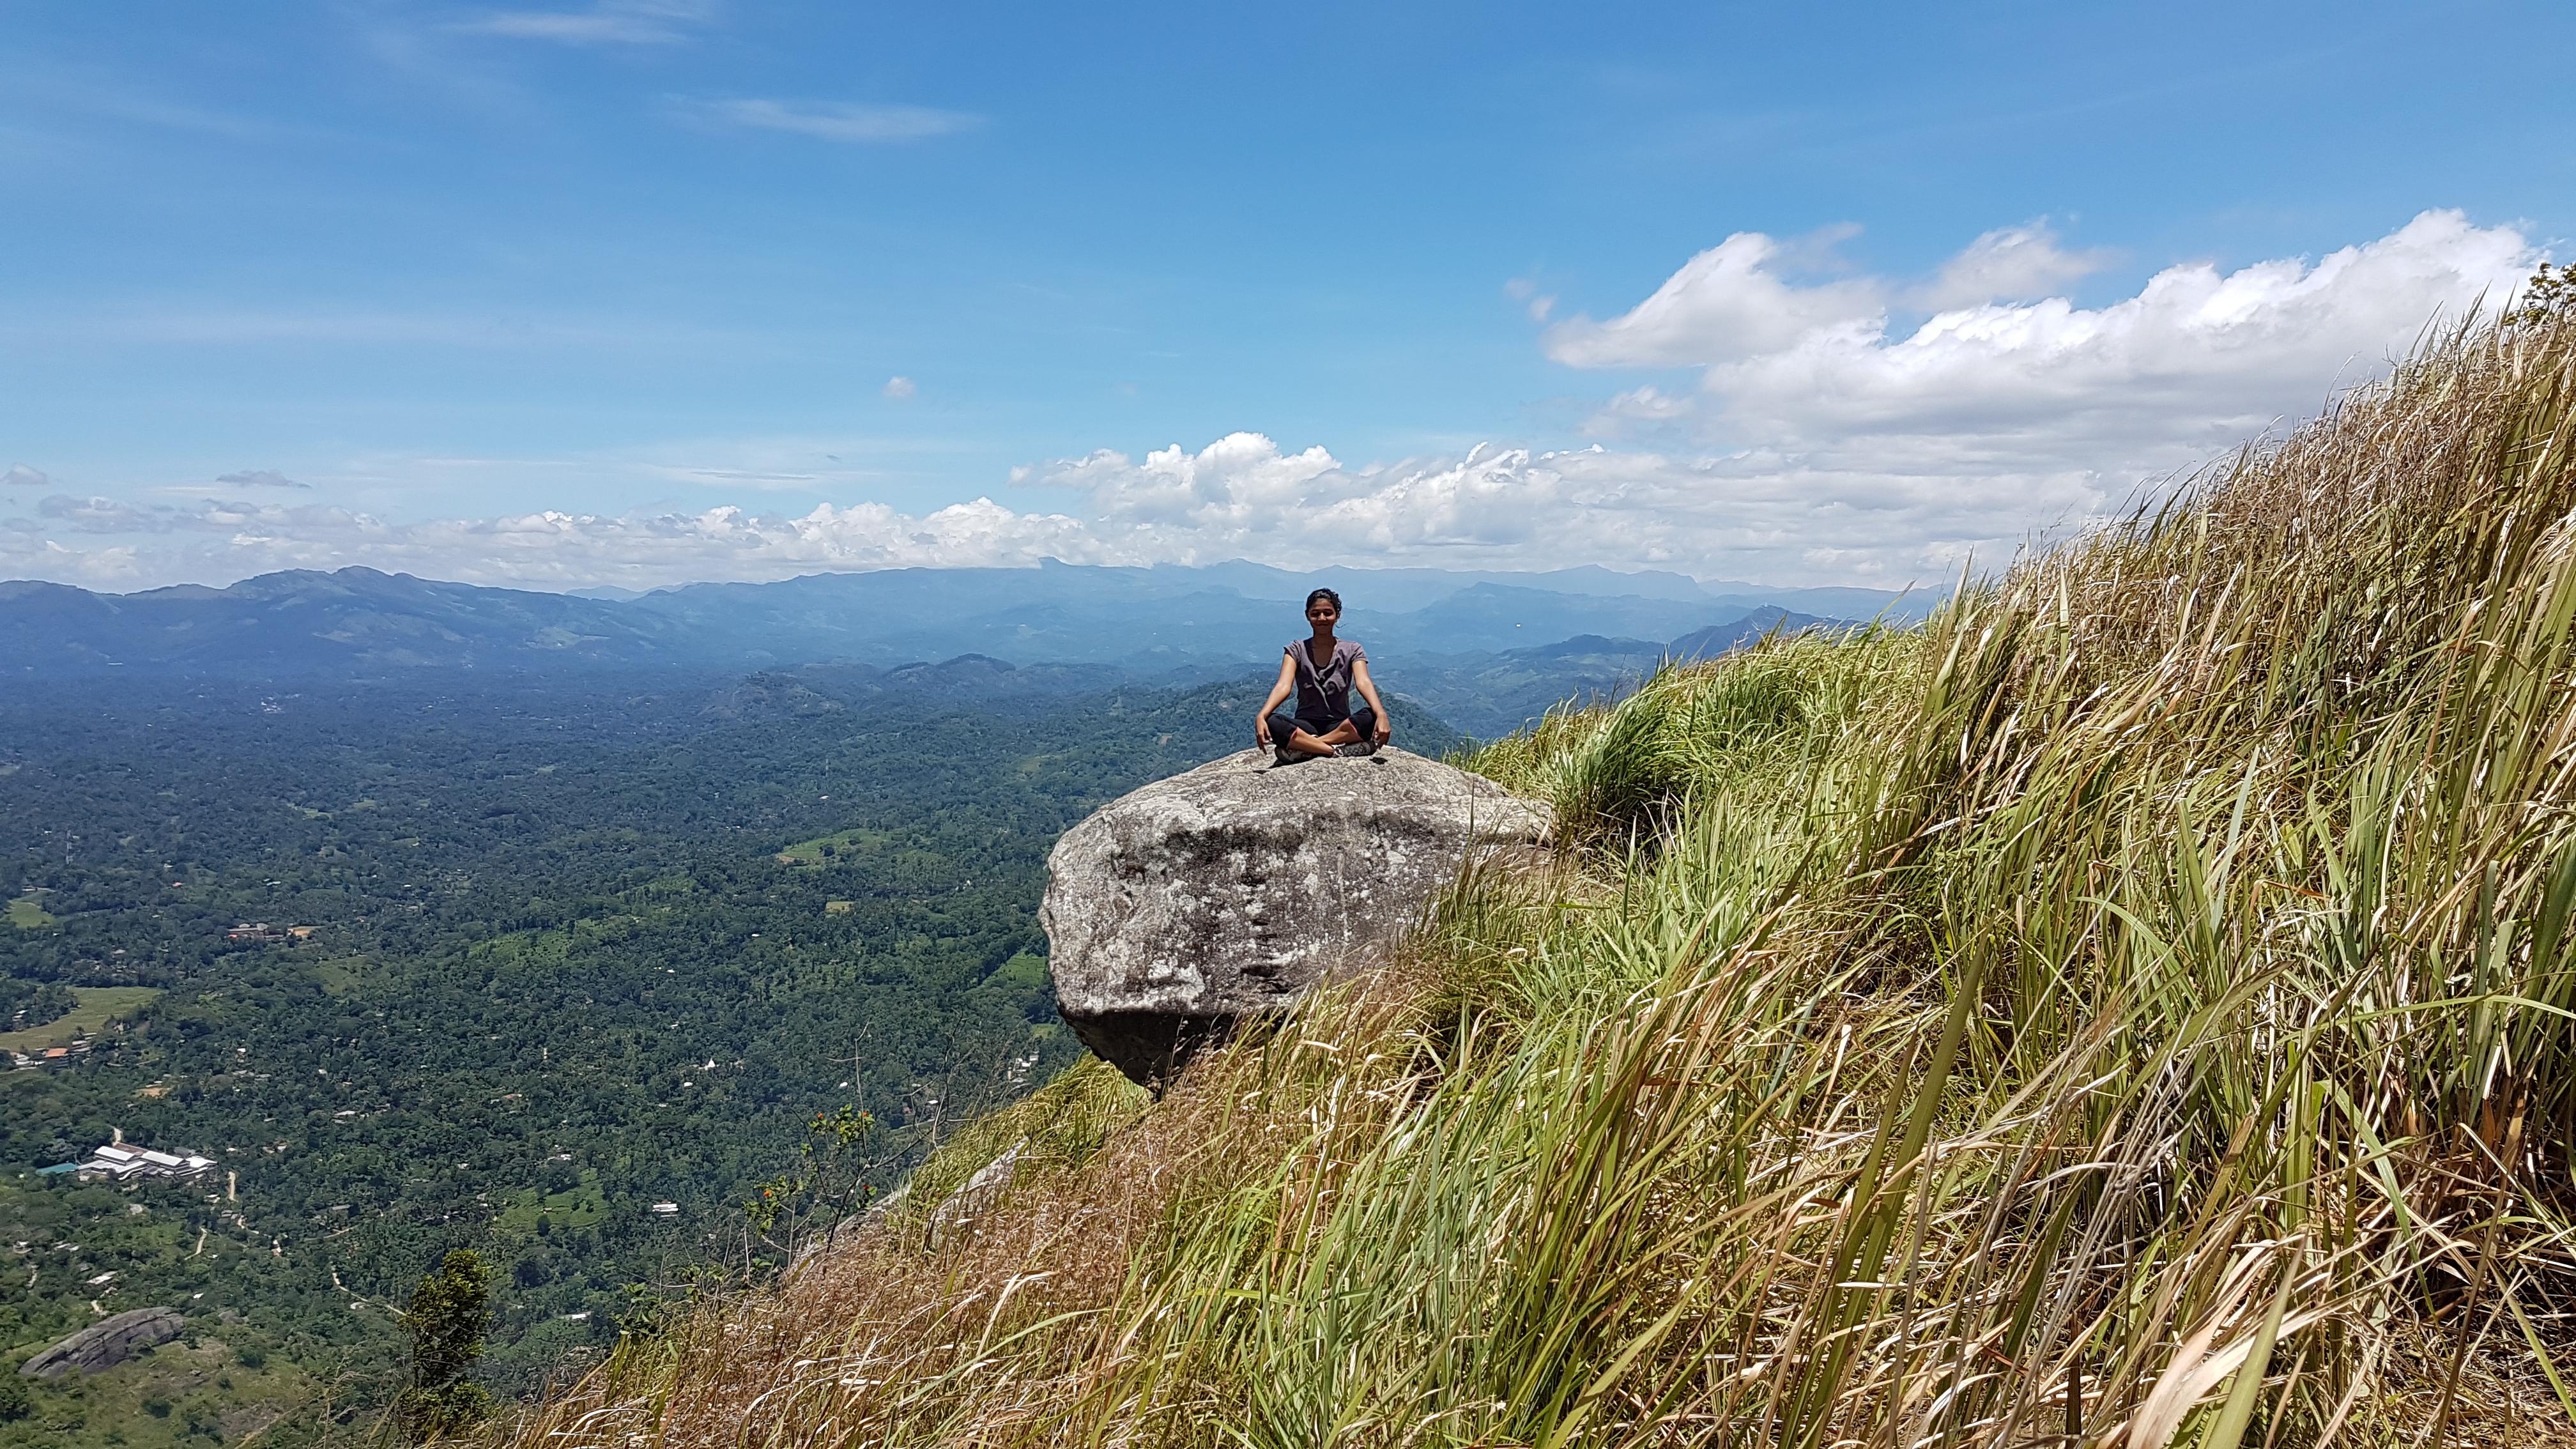 Sri Lanka Robinhood Village Trail with Alagalla Mountain Trekking 4